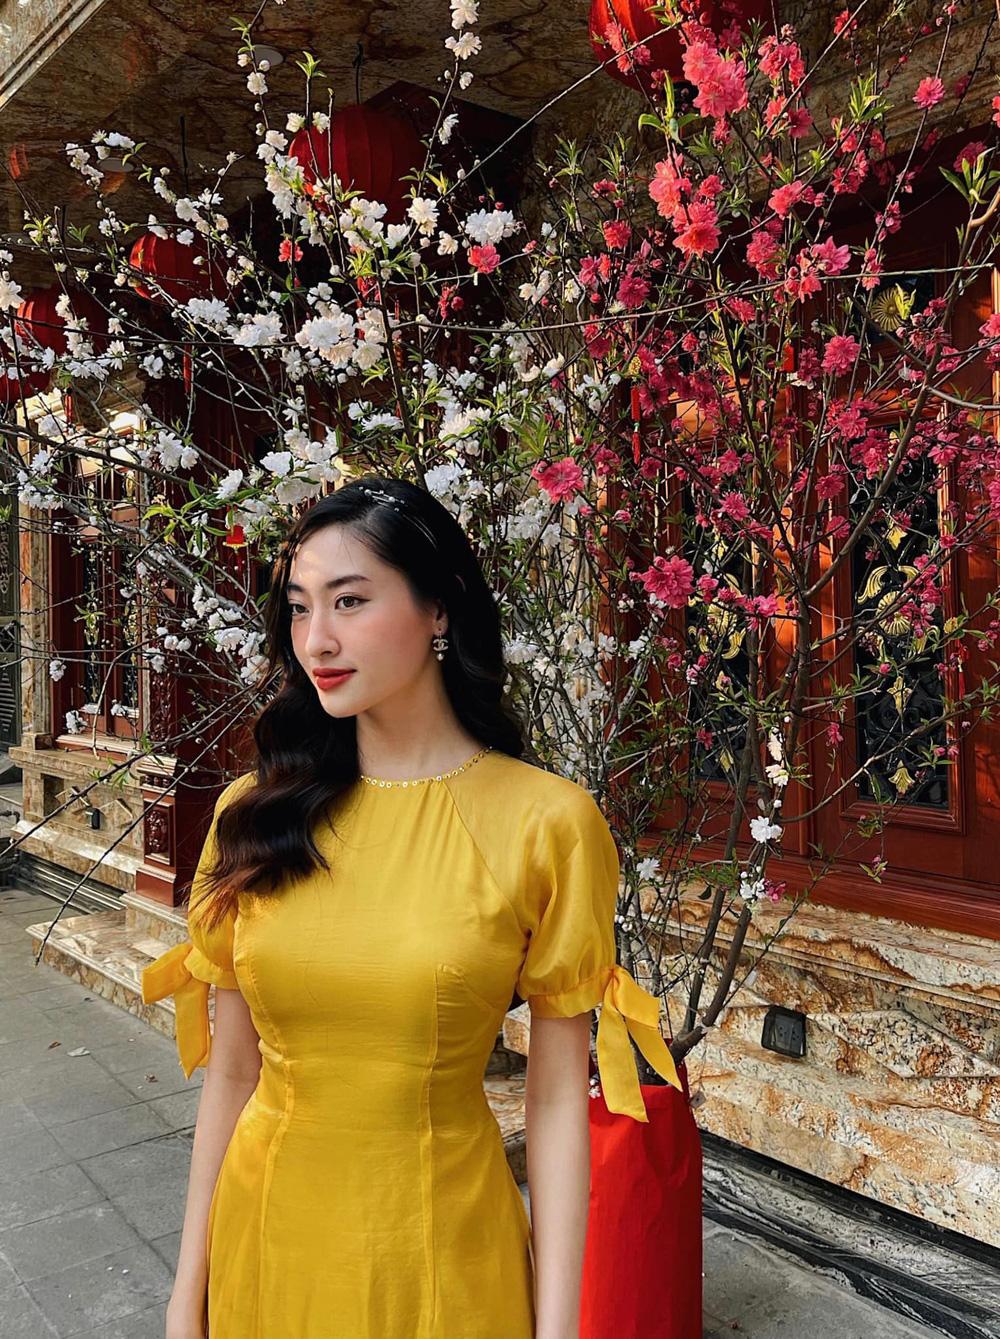 Đỗ Thị Hà và dàn Hoa hậu diện áo dài đầu xuân, ai cũng xinh đẹp ngút ngàn - Ảnh 6.